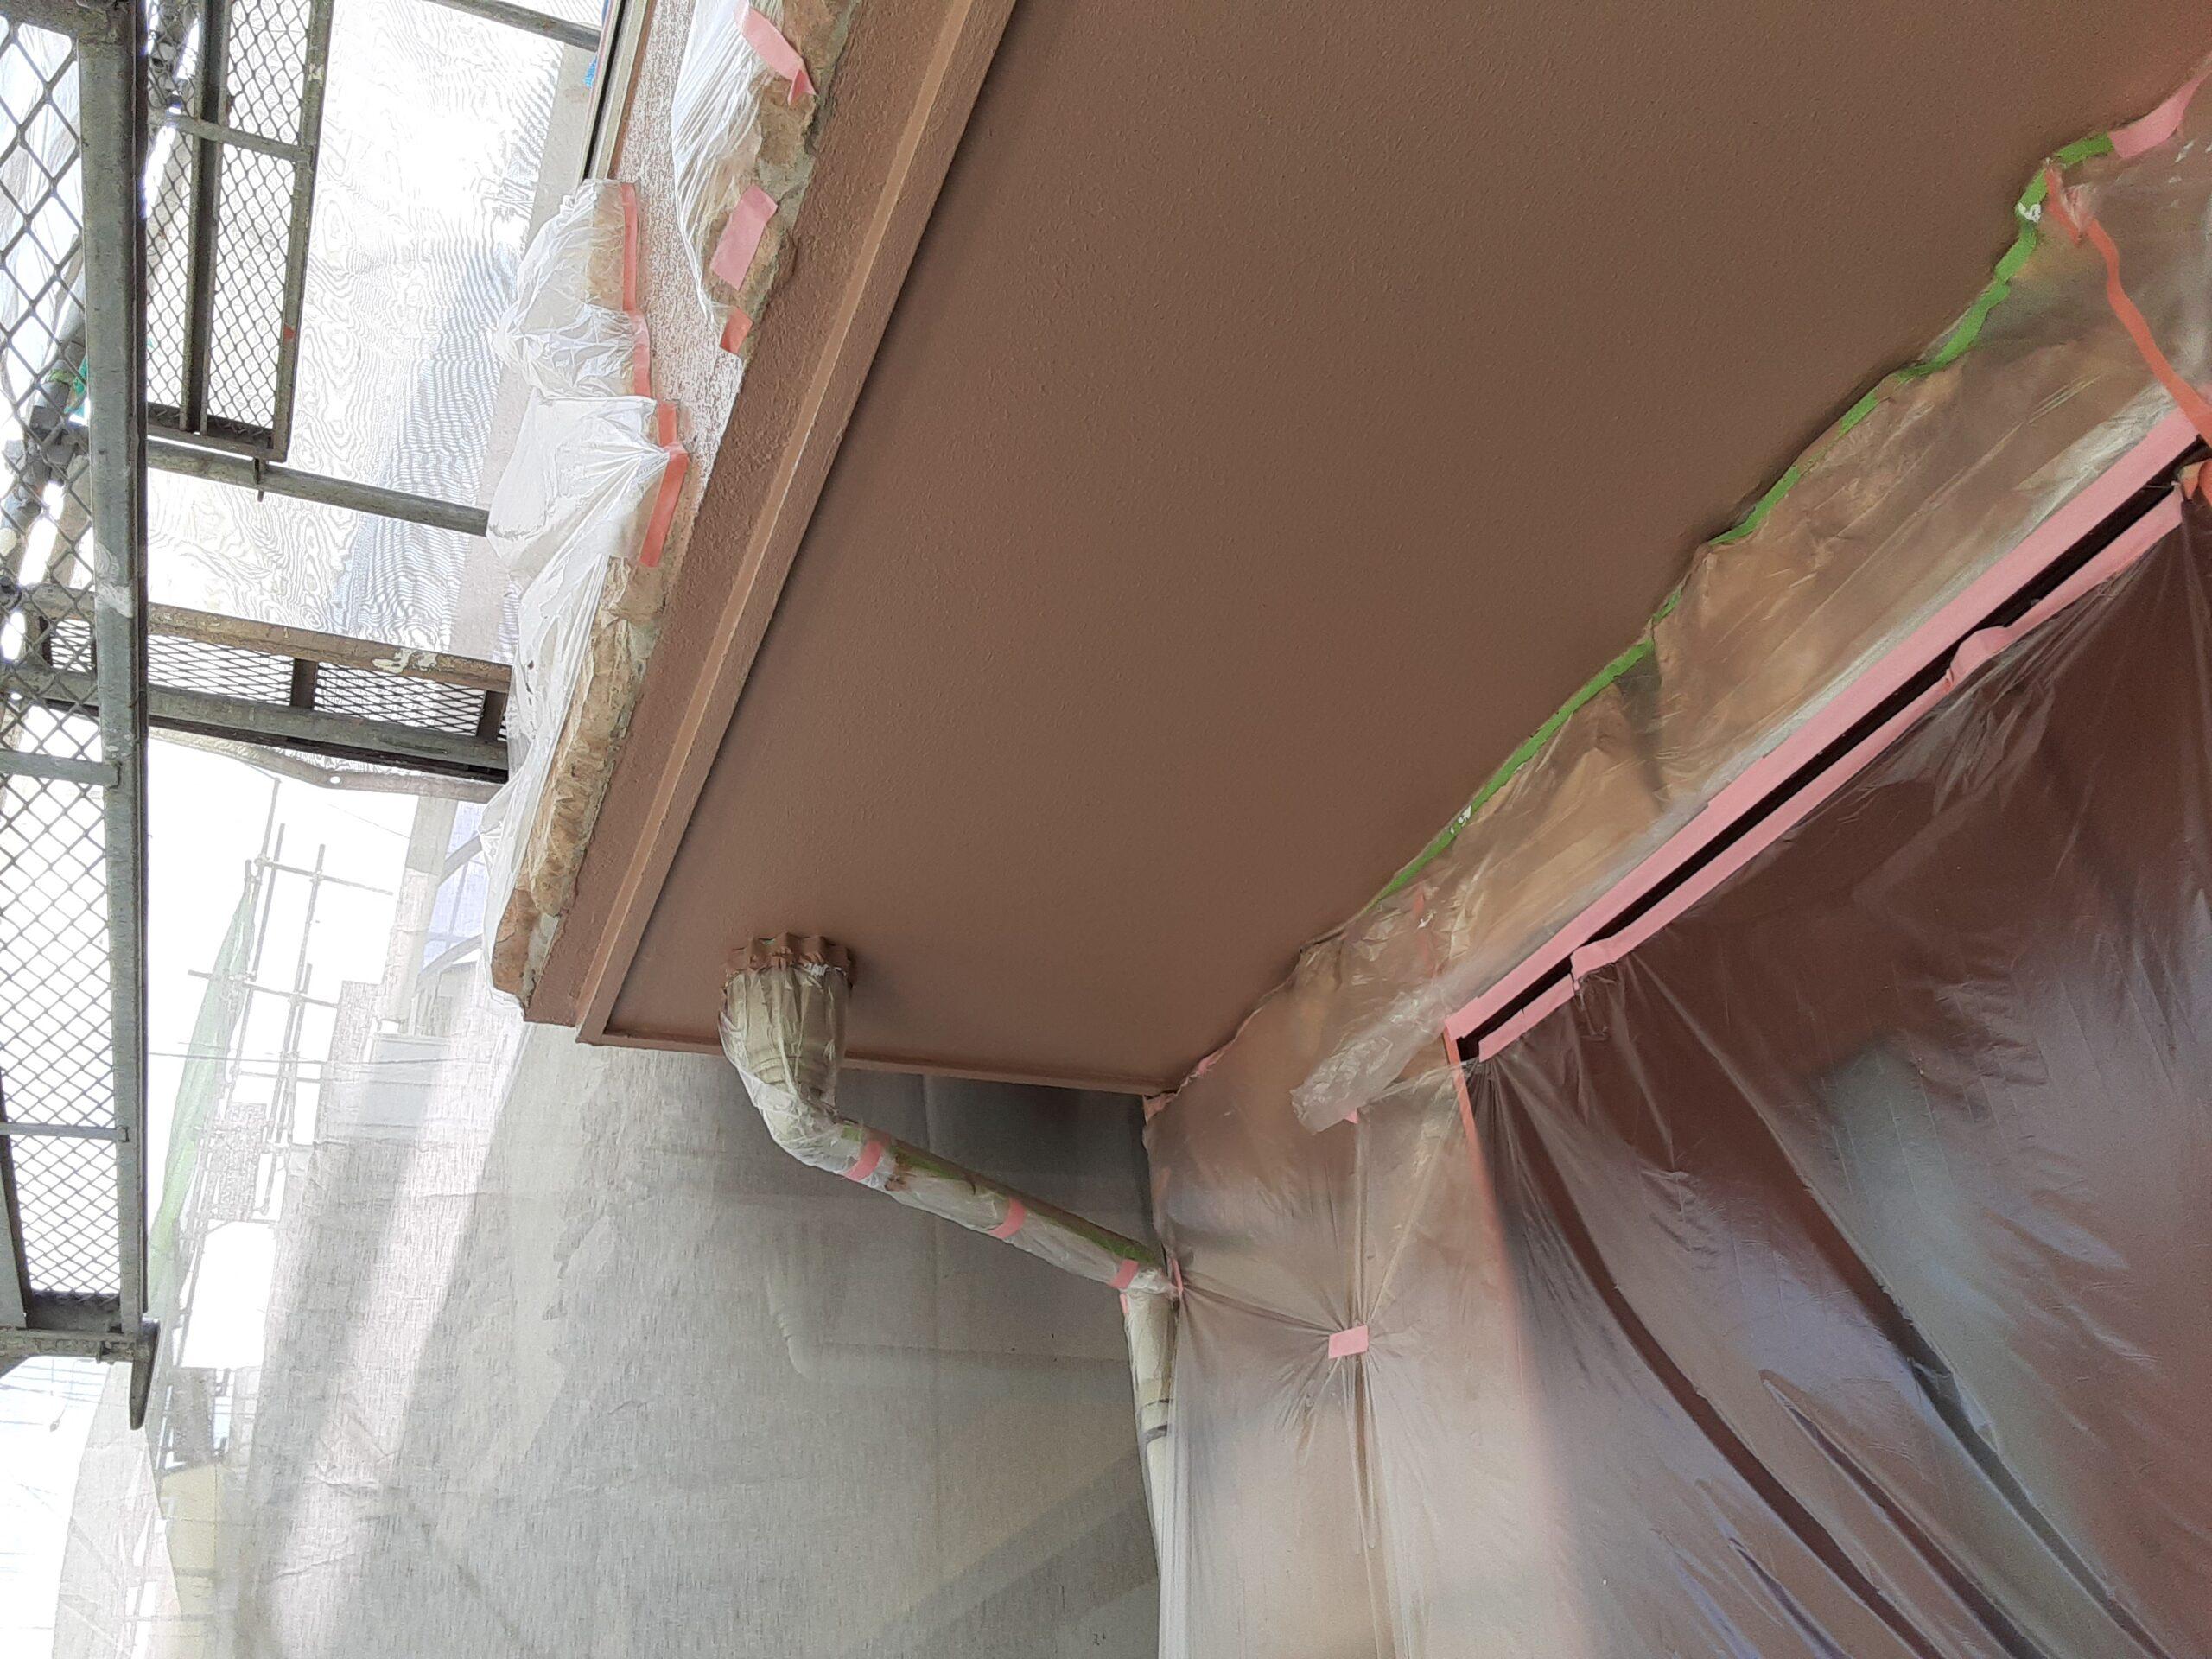 埼玉県さいたま市桜区のW様邸(木造3階建て)にて外壁の仕上げ塗装